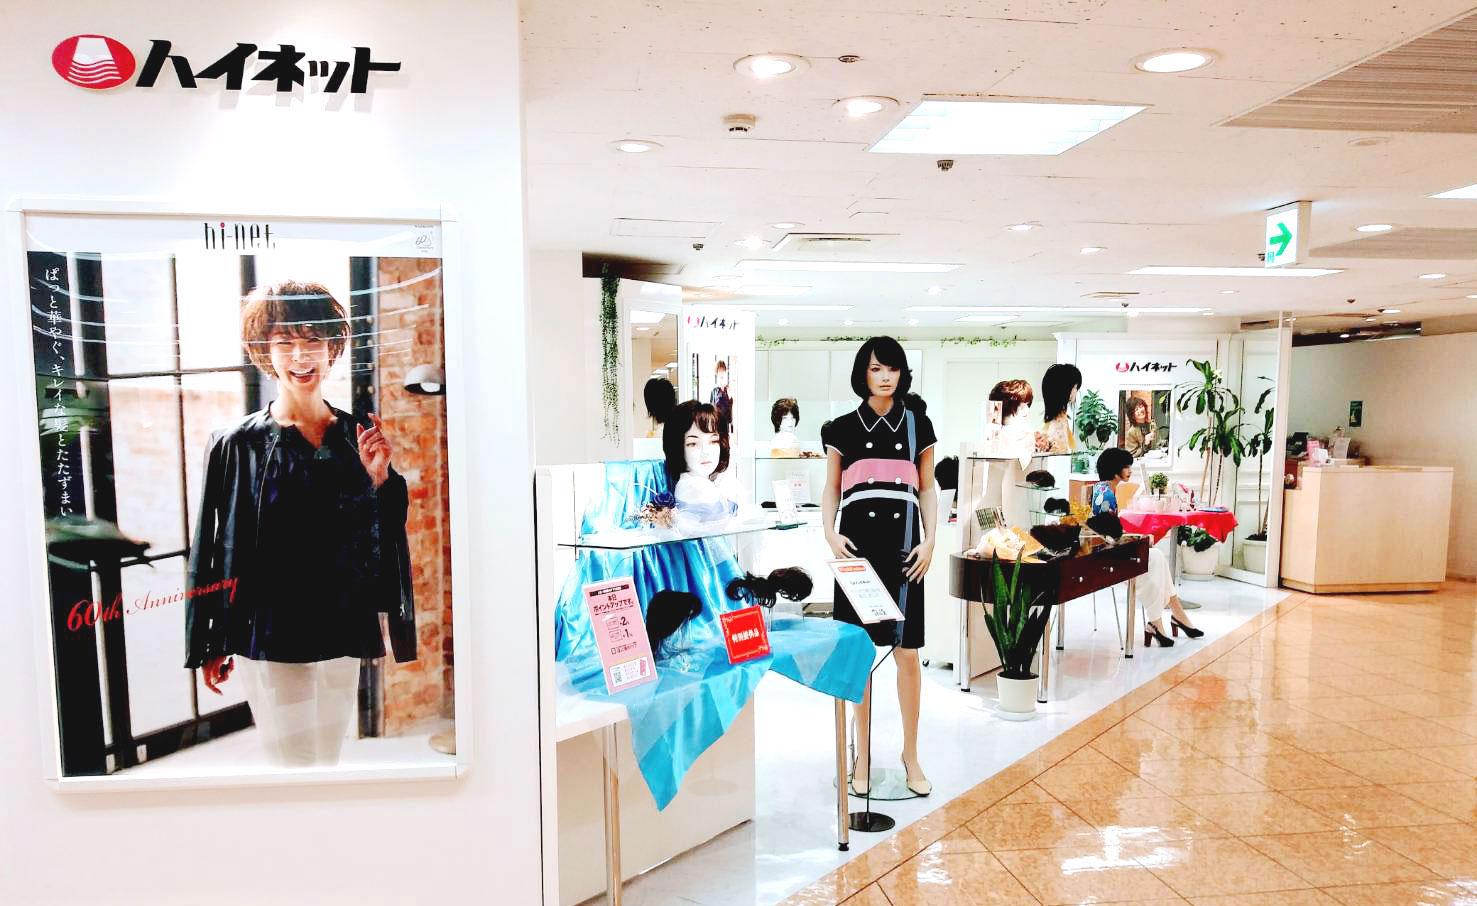 ハイネット  ヘアコスメウイッグ<br> 松坂屋静岡店